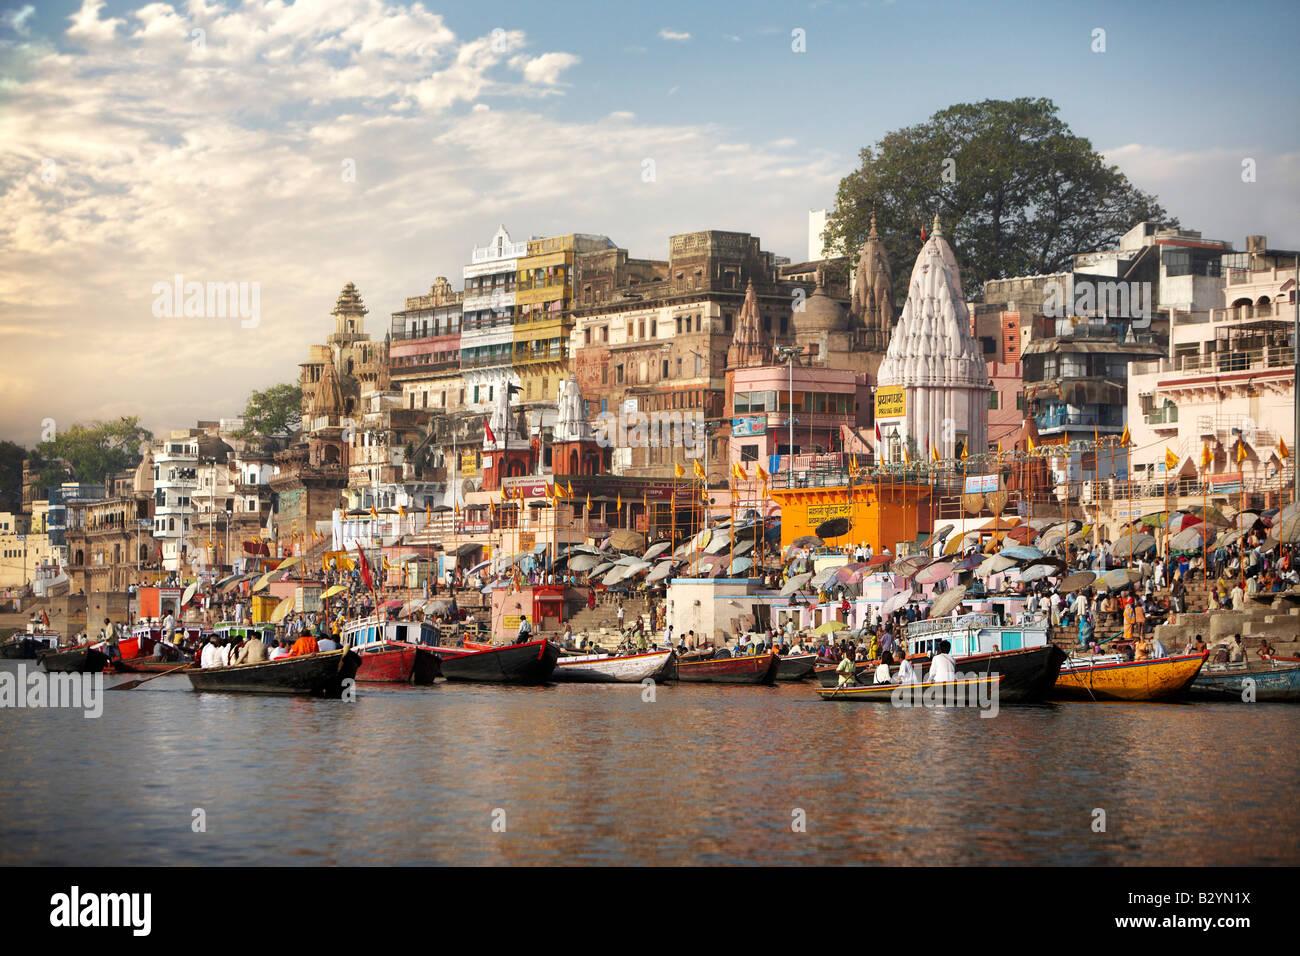 El río Ganges en primer plano con los barcos, los templos y cielo azul de Varanasi, en India en el fondo. Imagen De Stock